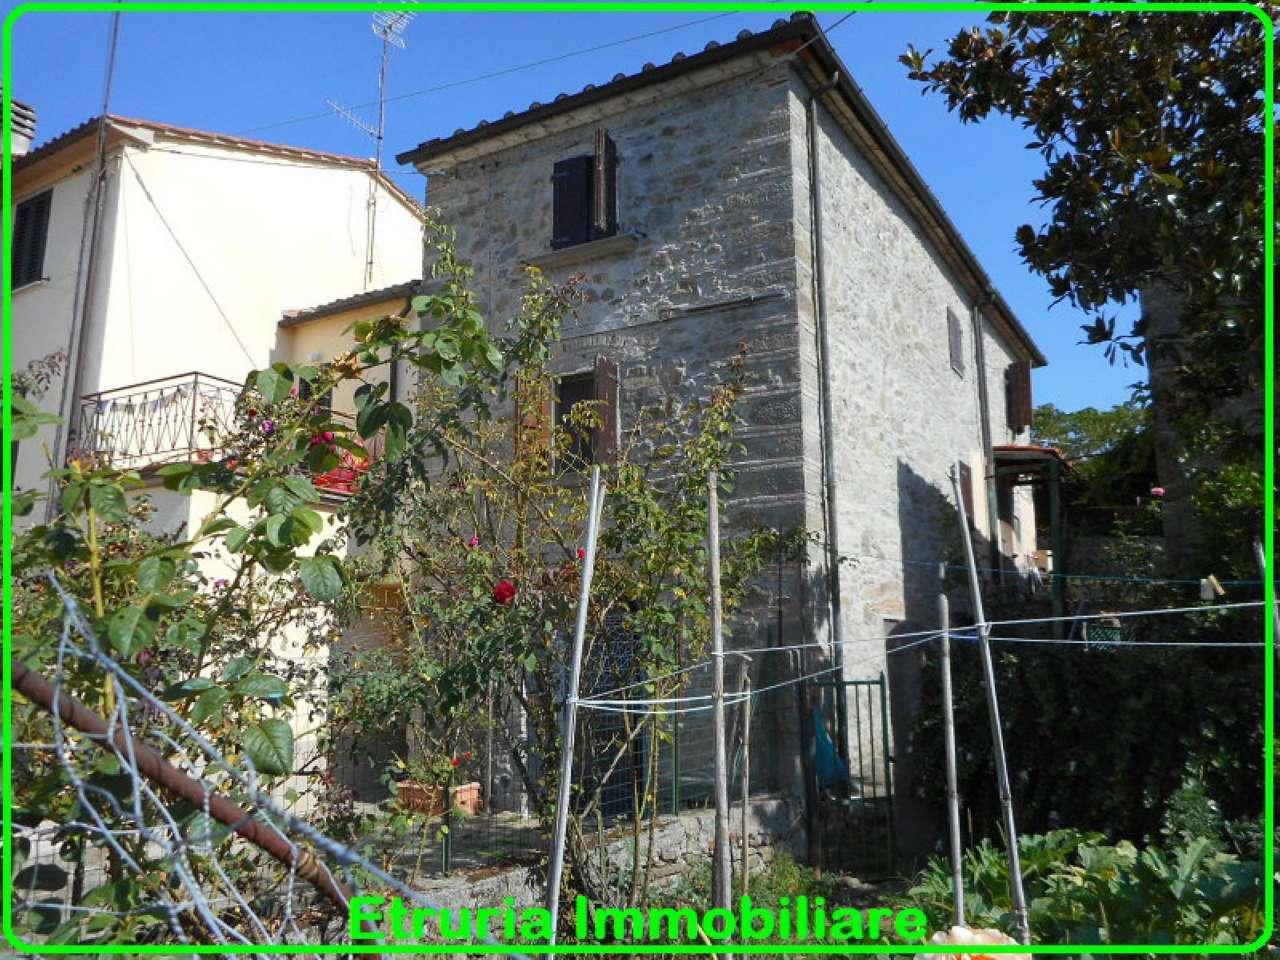 Palazzo / Stabile in vendita a Pistoia, 6 locali, prezzo € 160.000 | CambioCasa.it